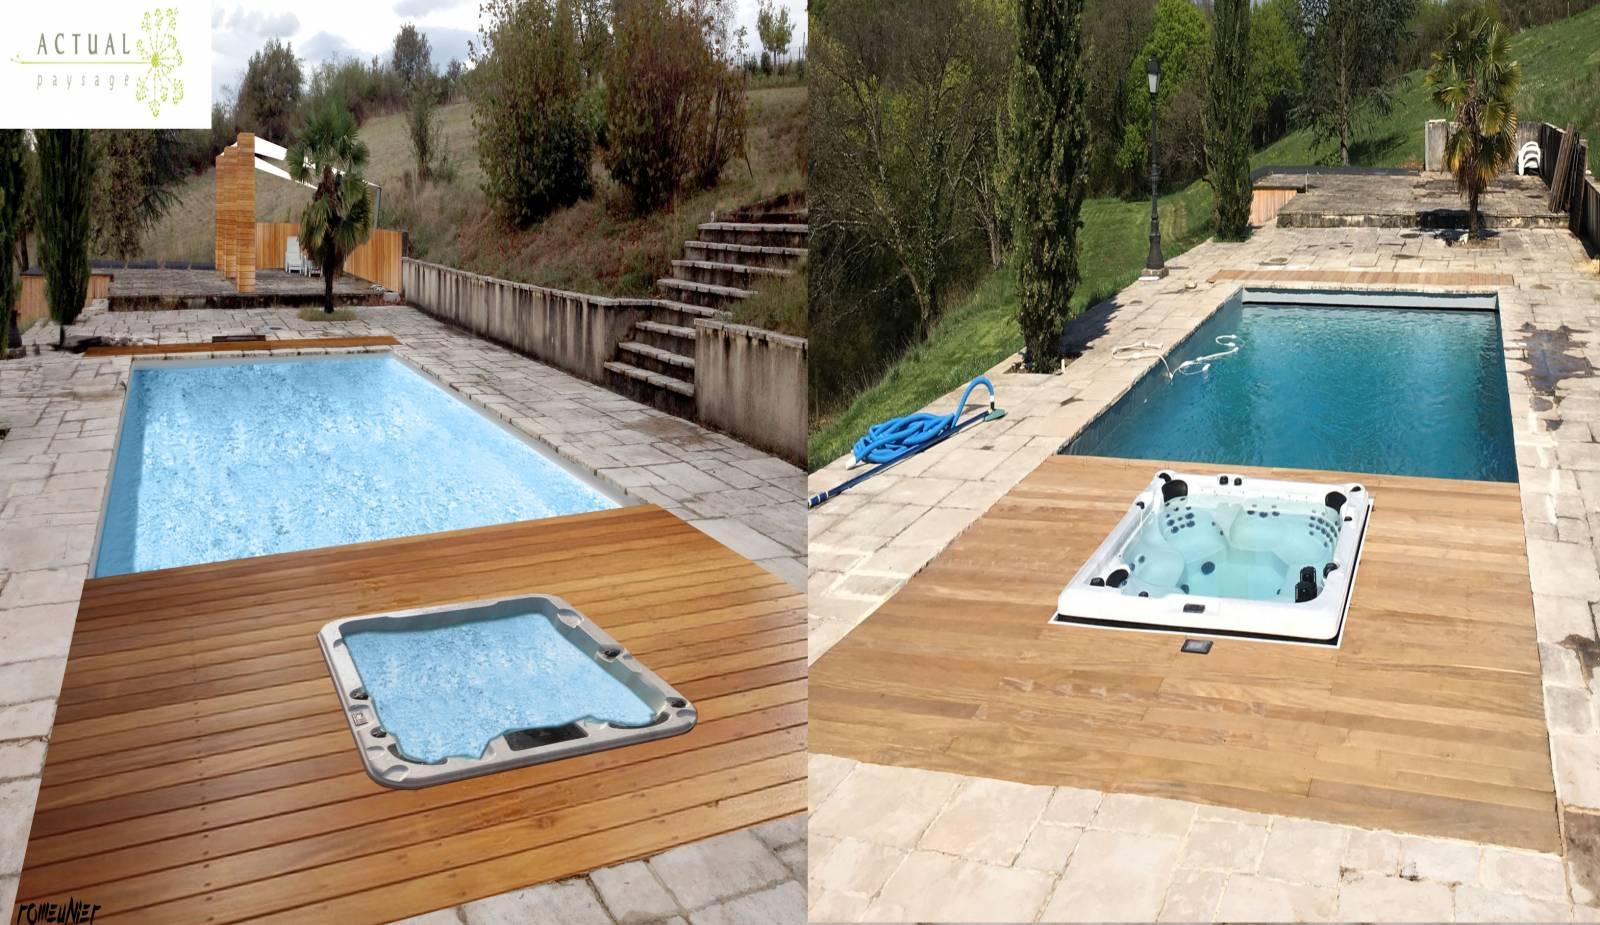 r alisation d 39 une terrasse en bois autour d 39 une piscine chuzelles actual paysage. Black Bedroom Furniture Sets. Home Design Ideas